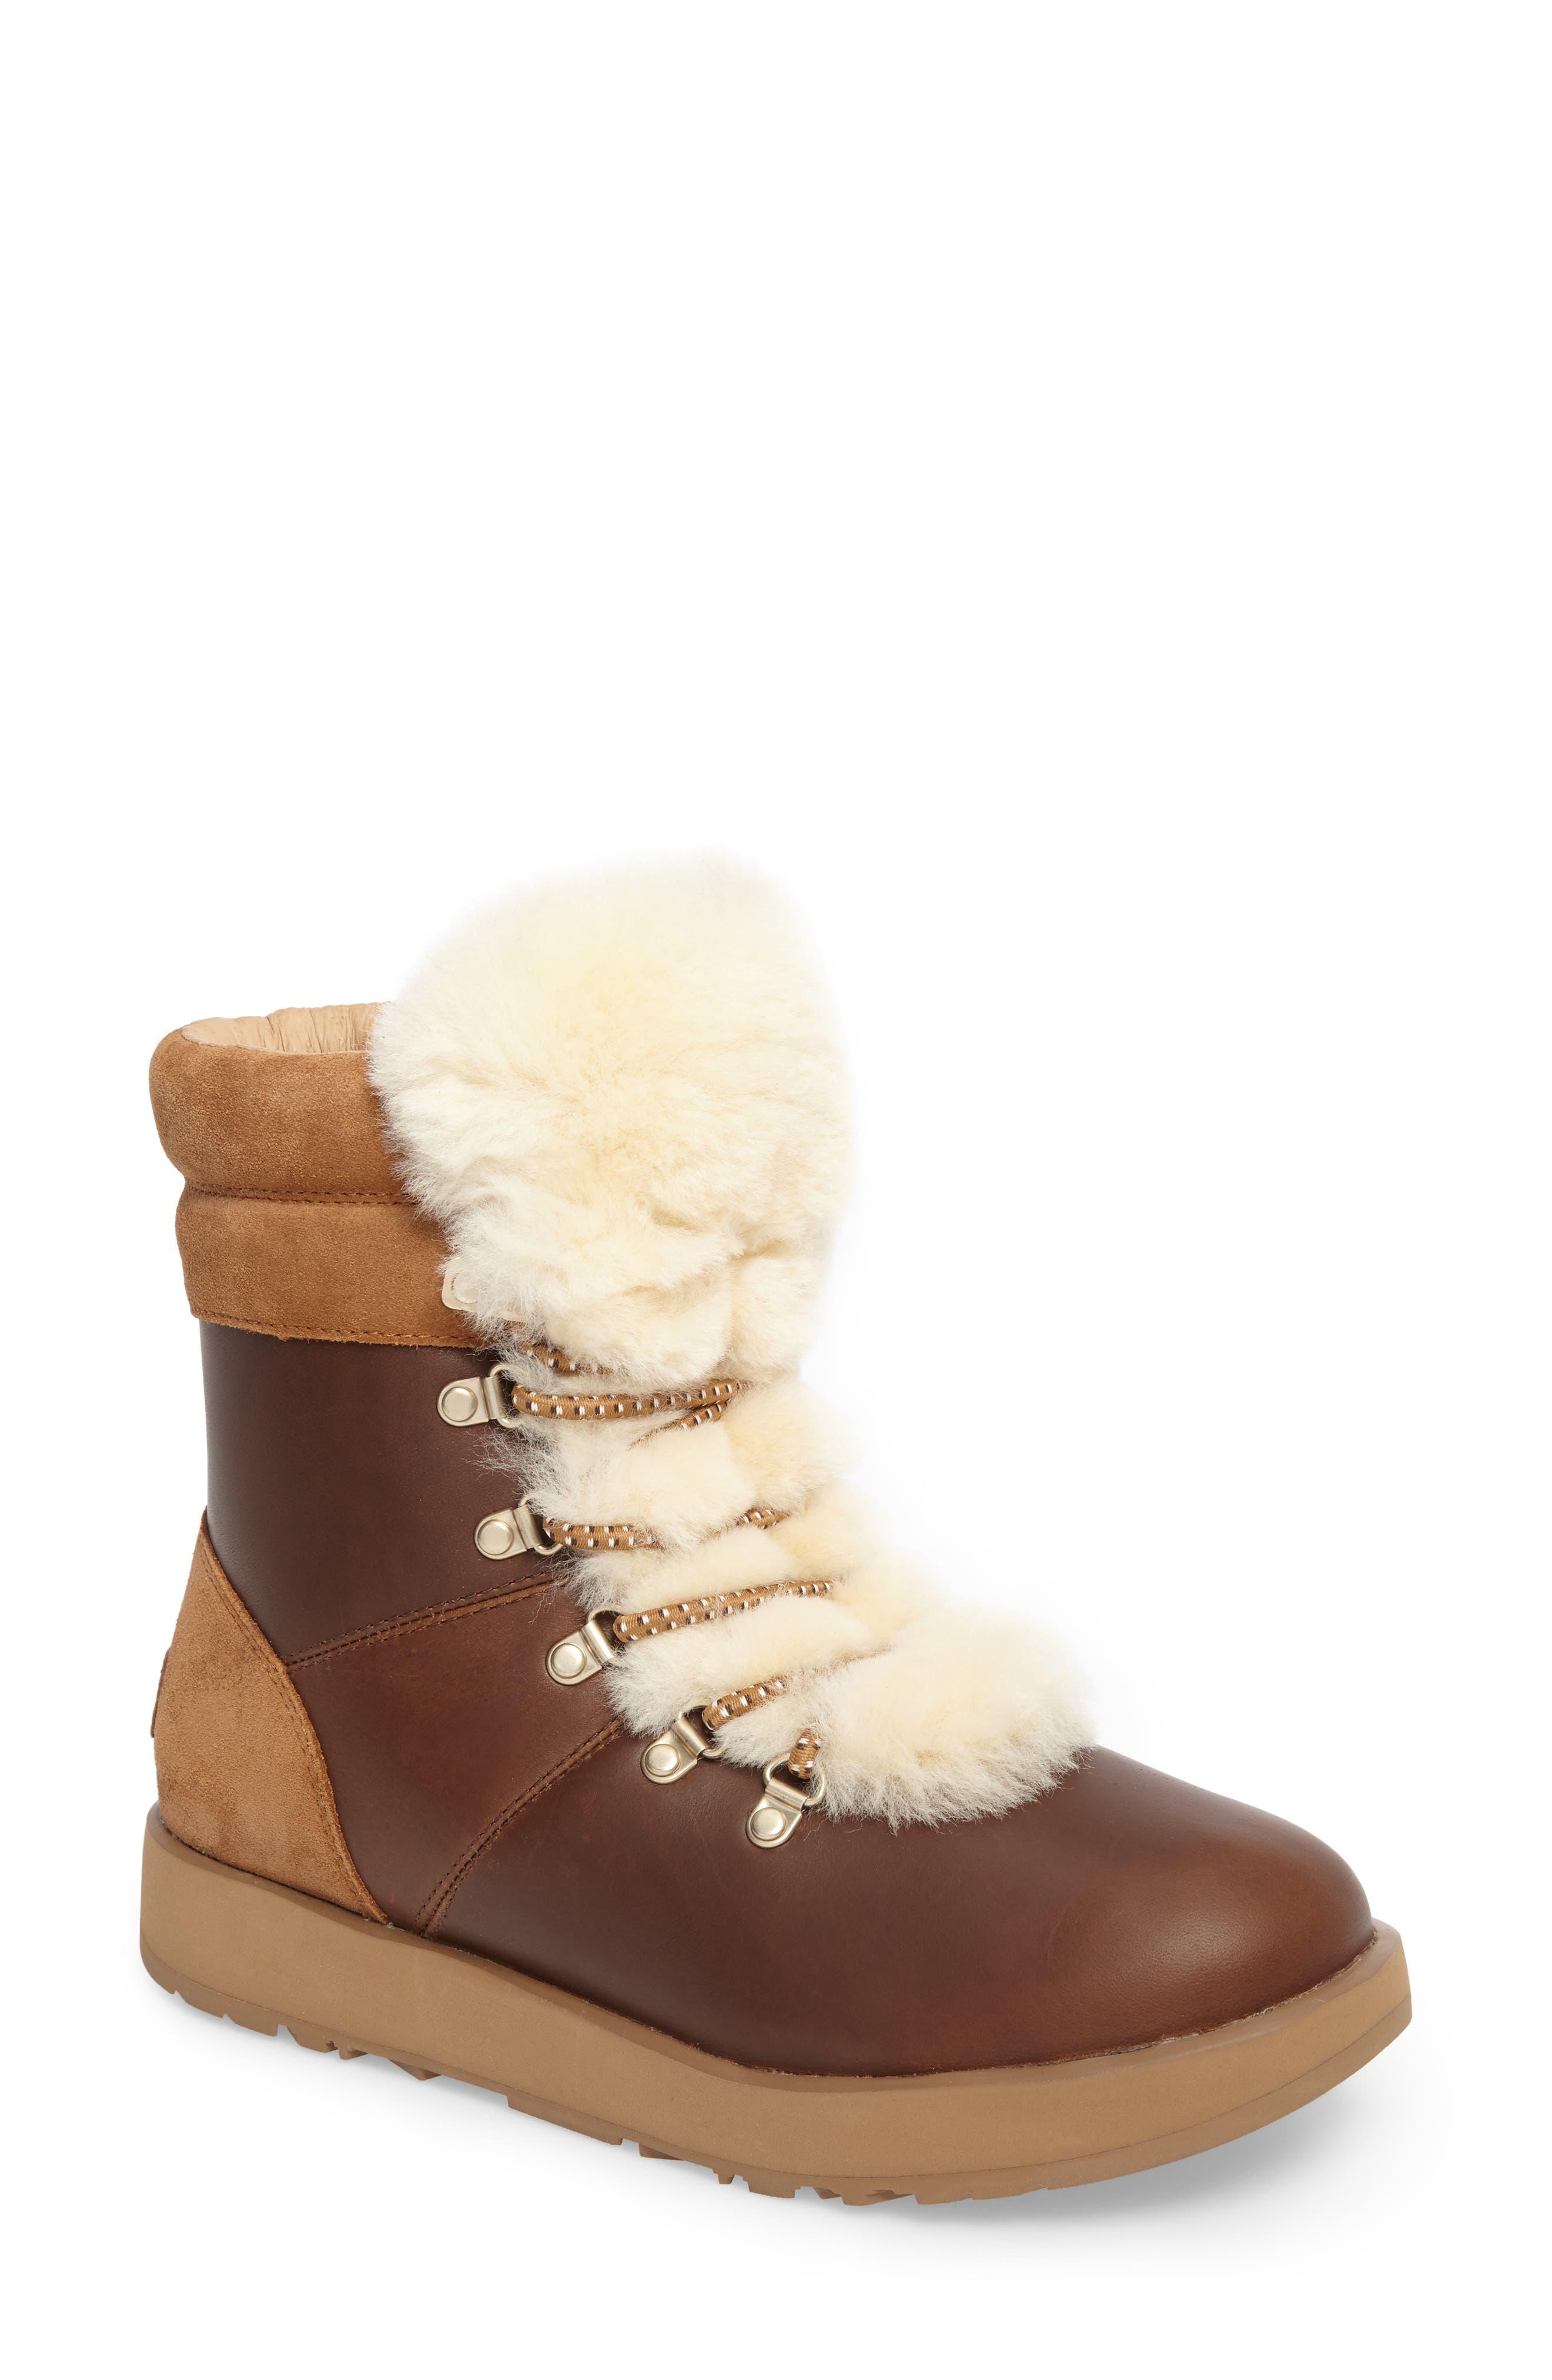 Main Image - UGG® Viki Waterproof Boot (Women)